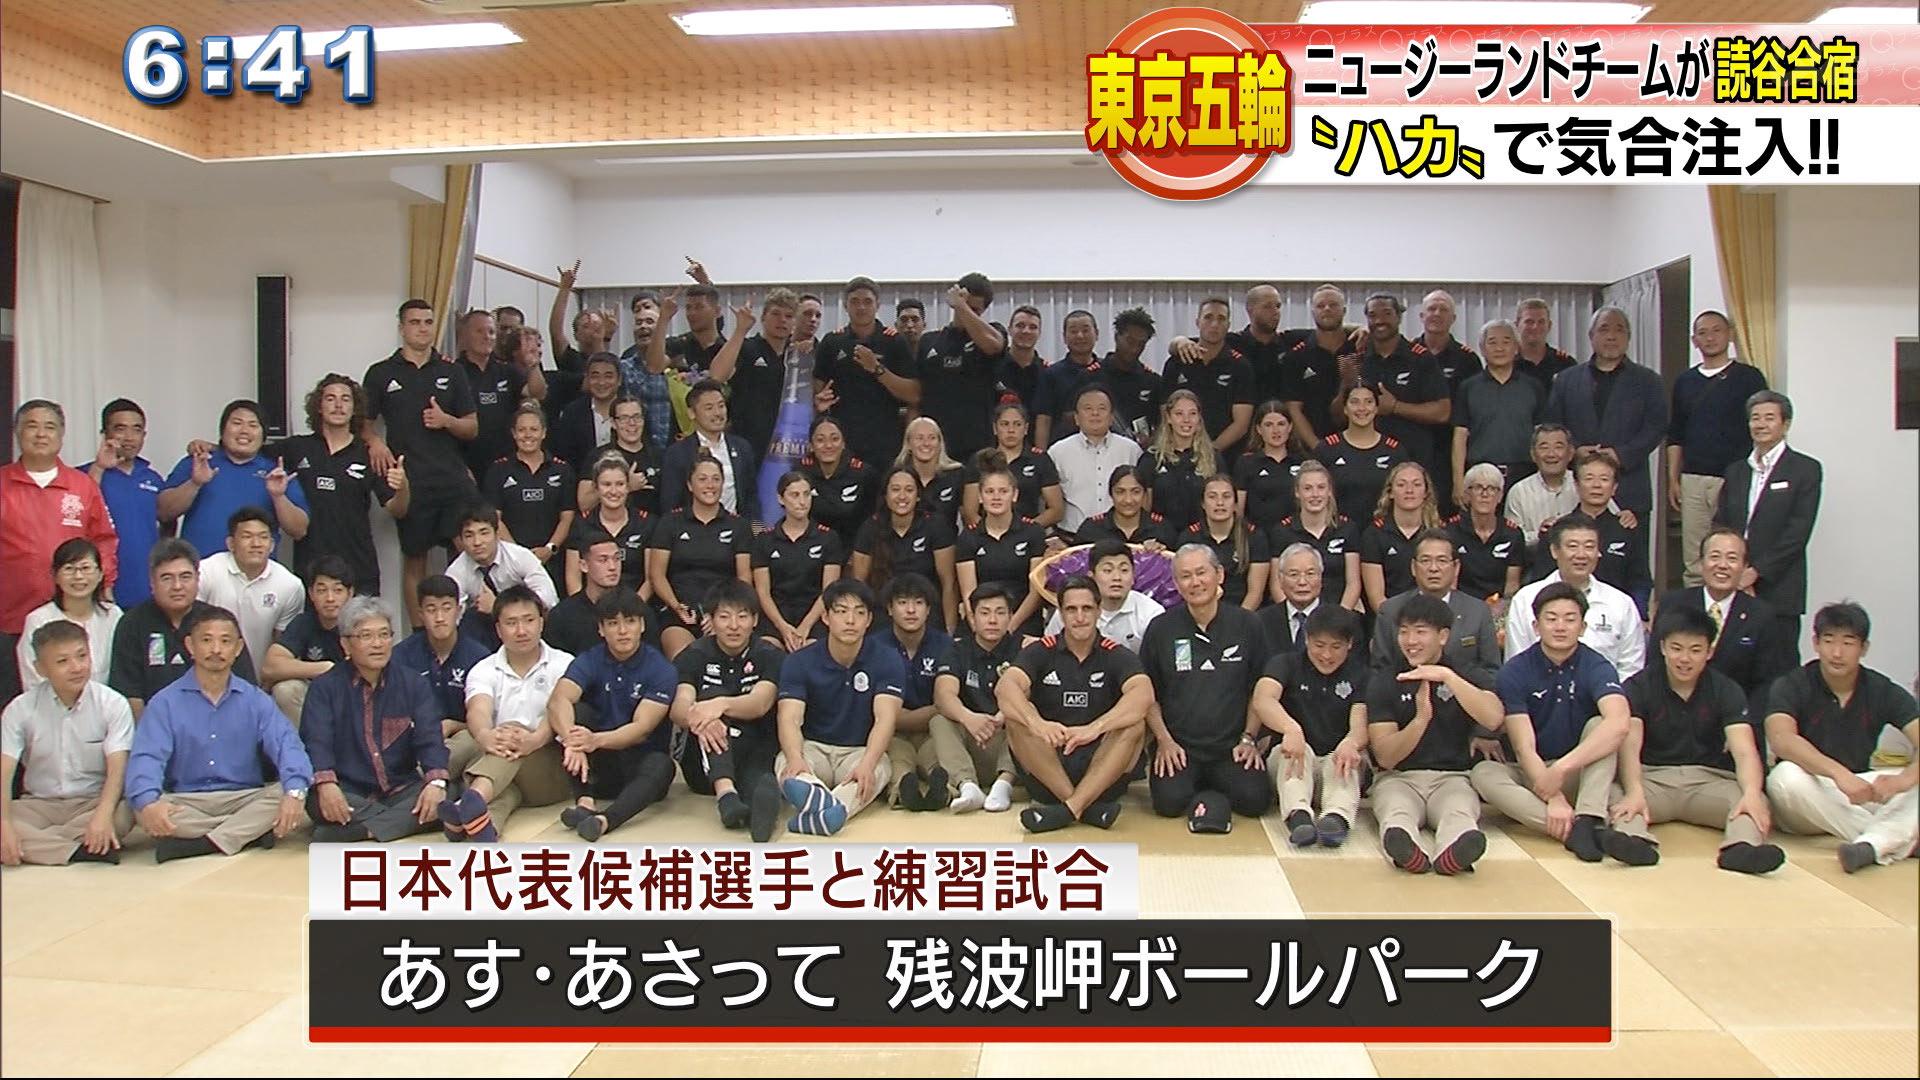 ニュージーランドラグビーチームが読谷合宿